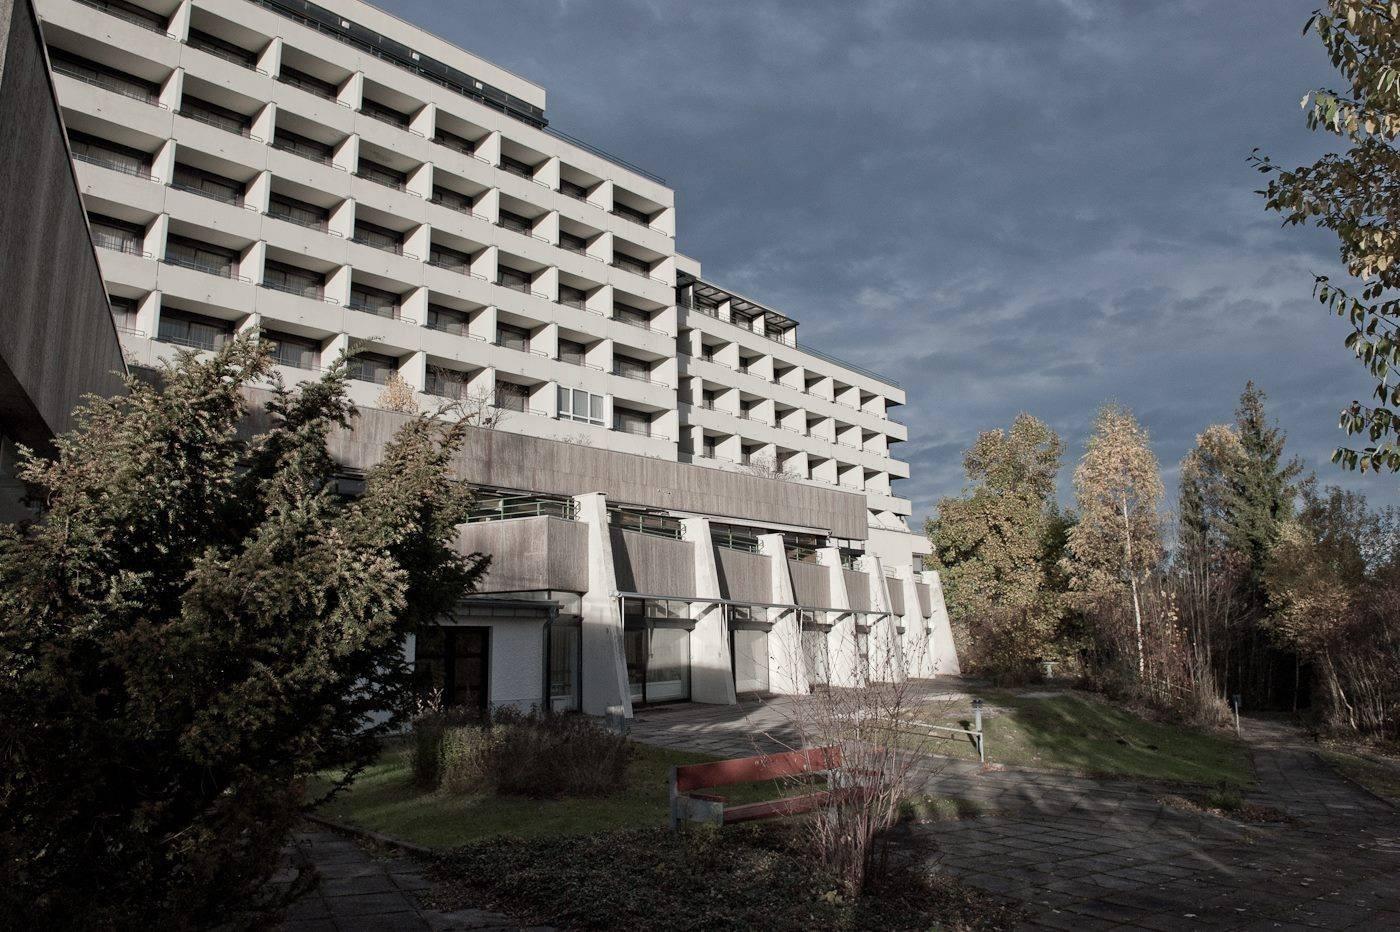 Verlassene Klinik Bayern